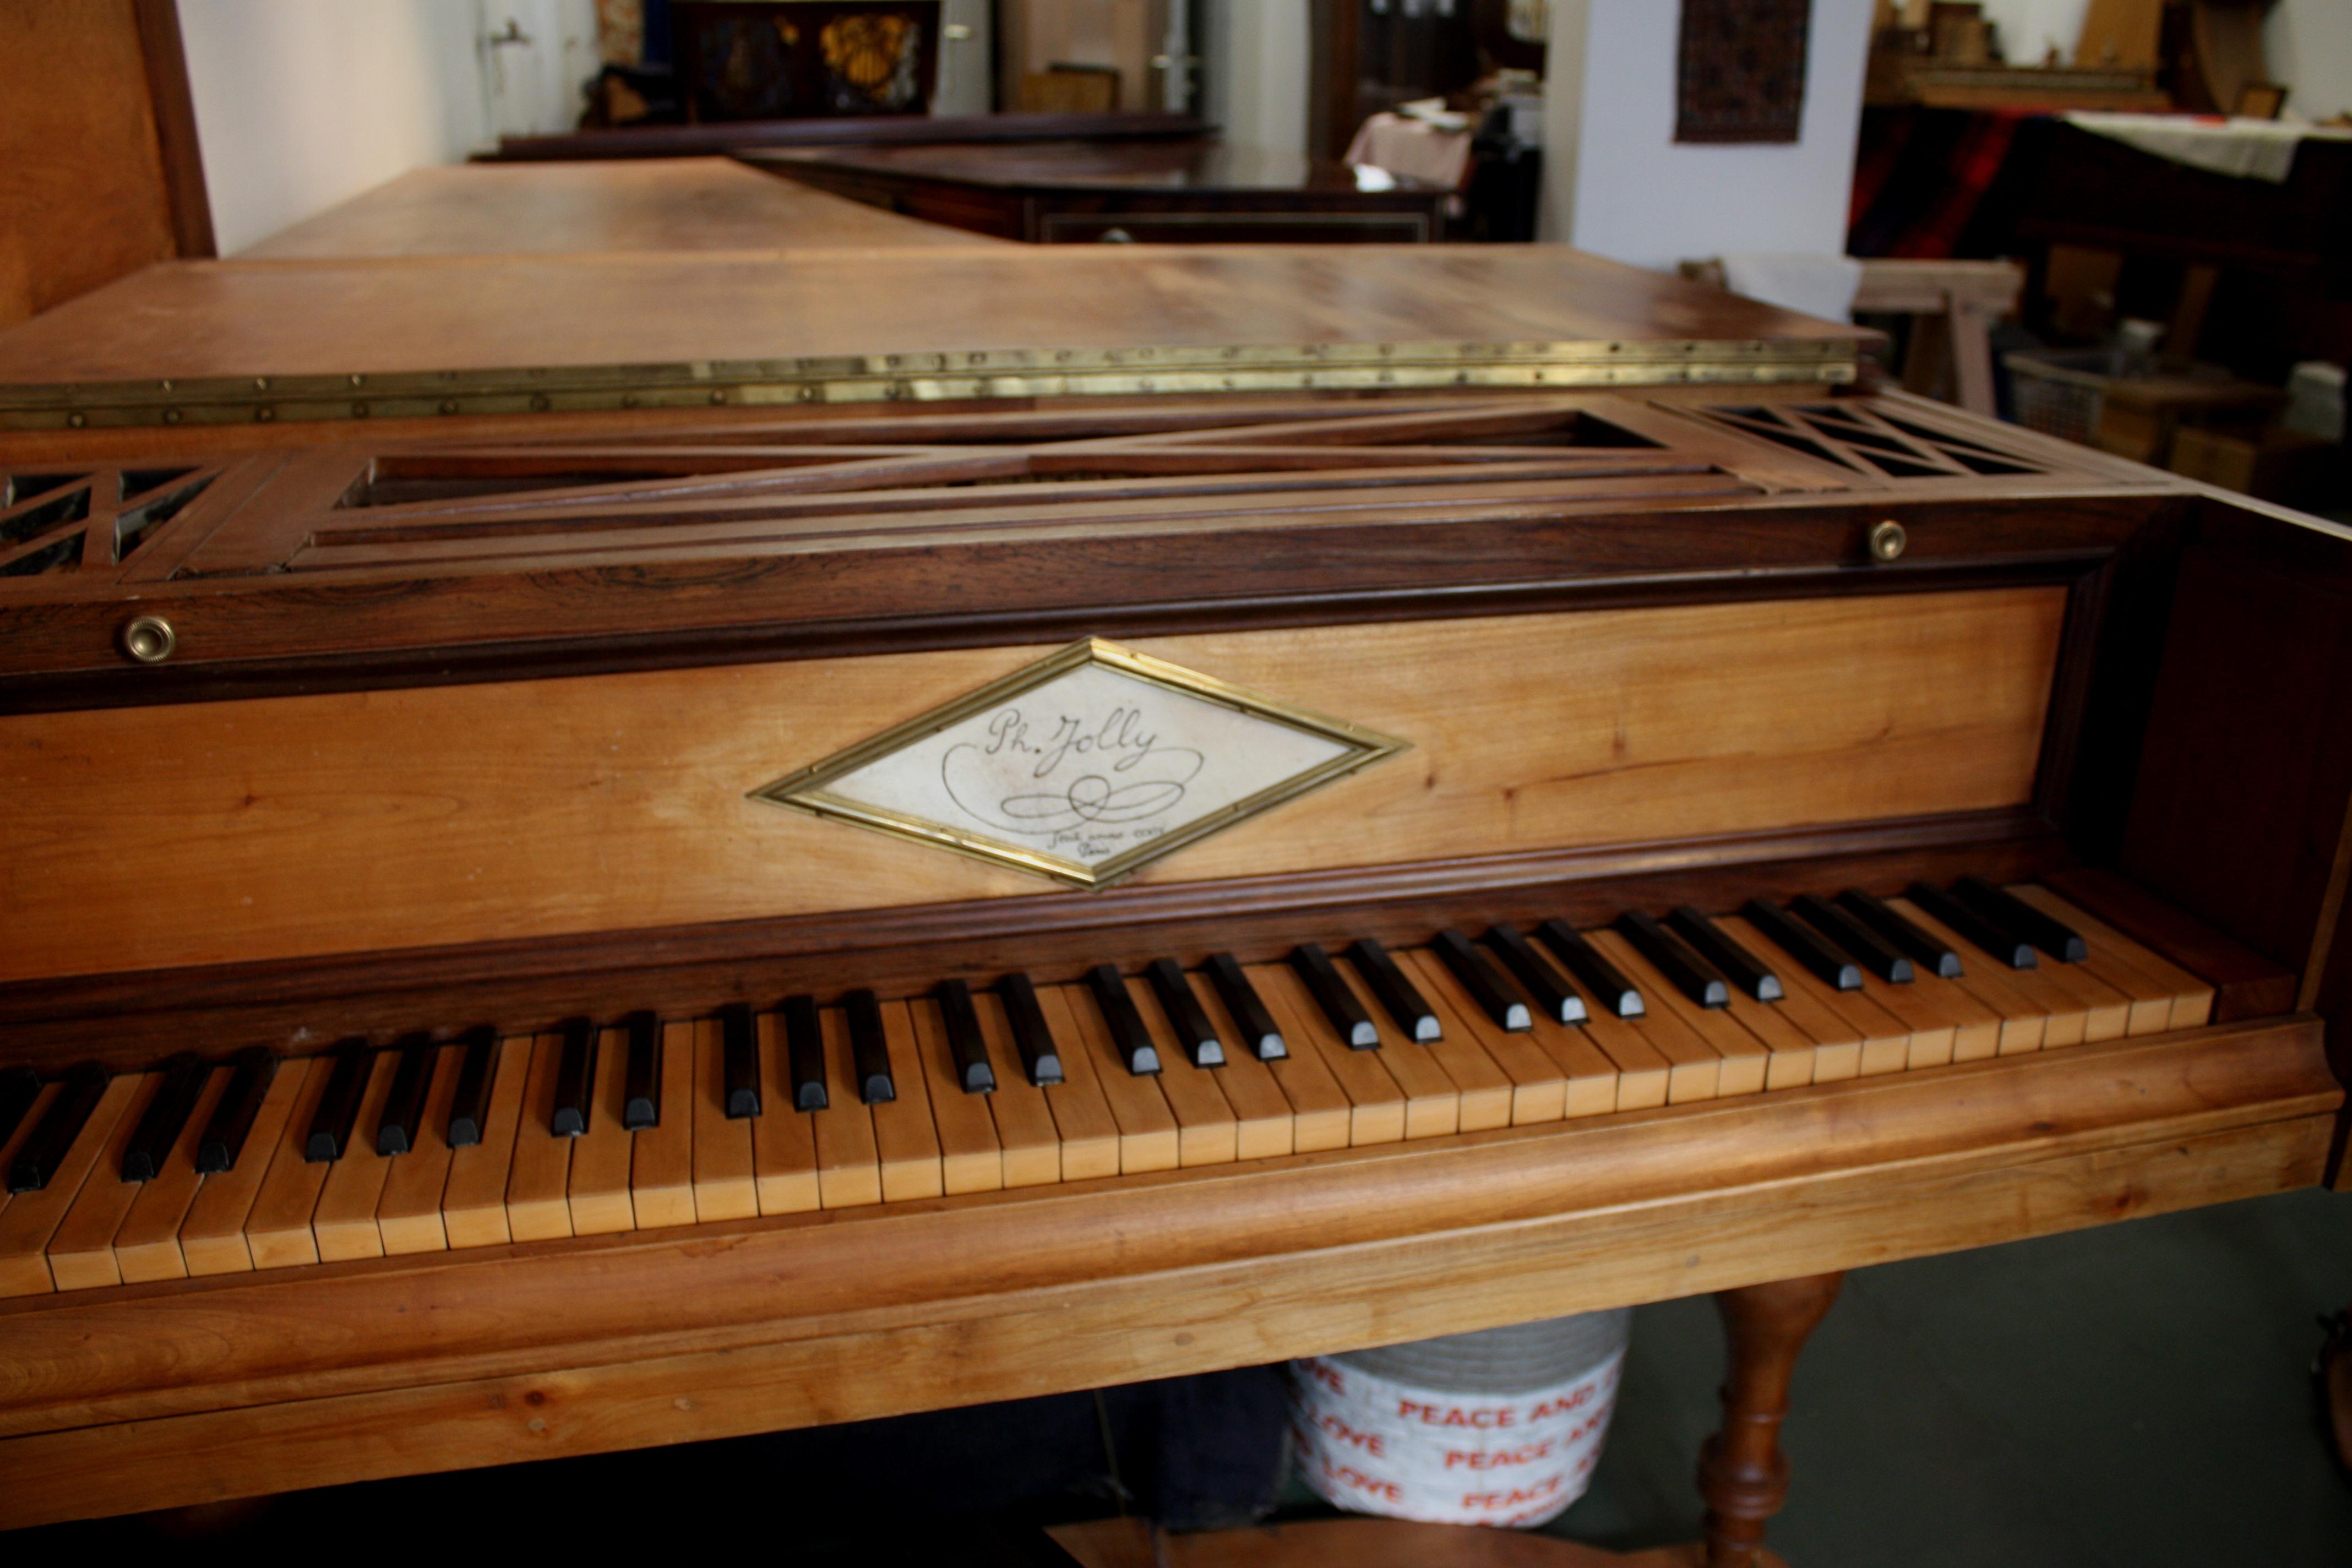 Bi-corde doté d'un seul chevalet, de deux pédales forte et una corda, je lui ai apporté une touche d'originalité supplémentaire : à la différence de l'Erard de Beethoven et de Haydn, il est équipé d'un clavier 6 octaves fa-fa, pour 73 notes en tout.